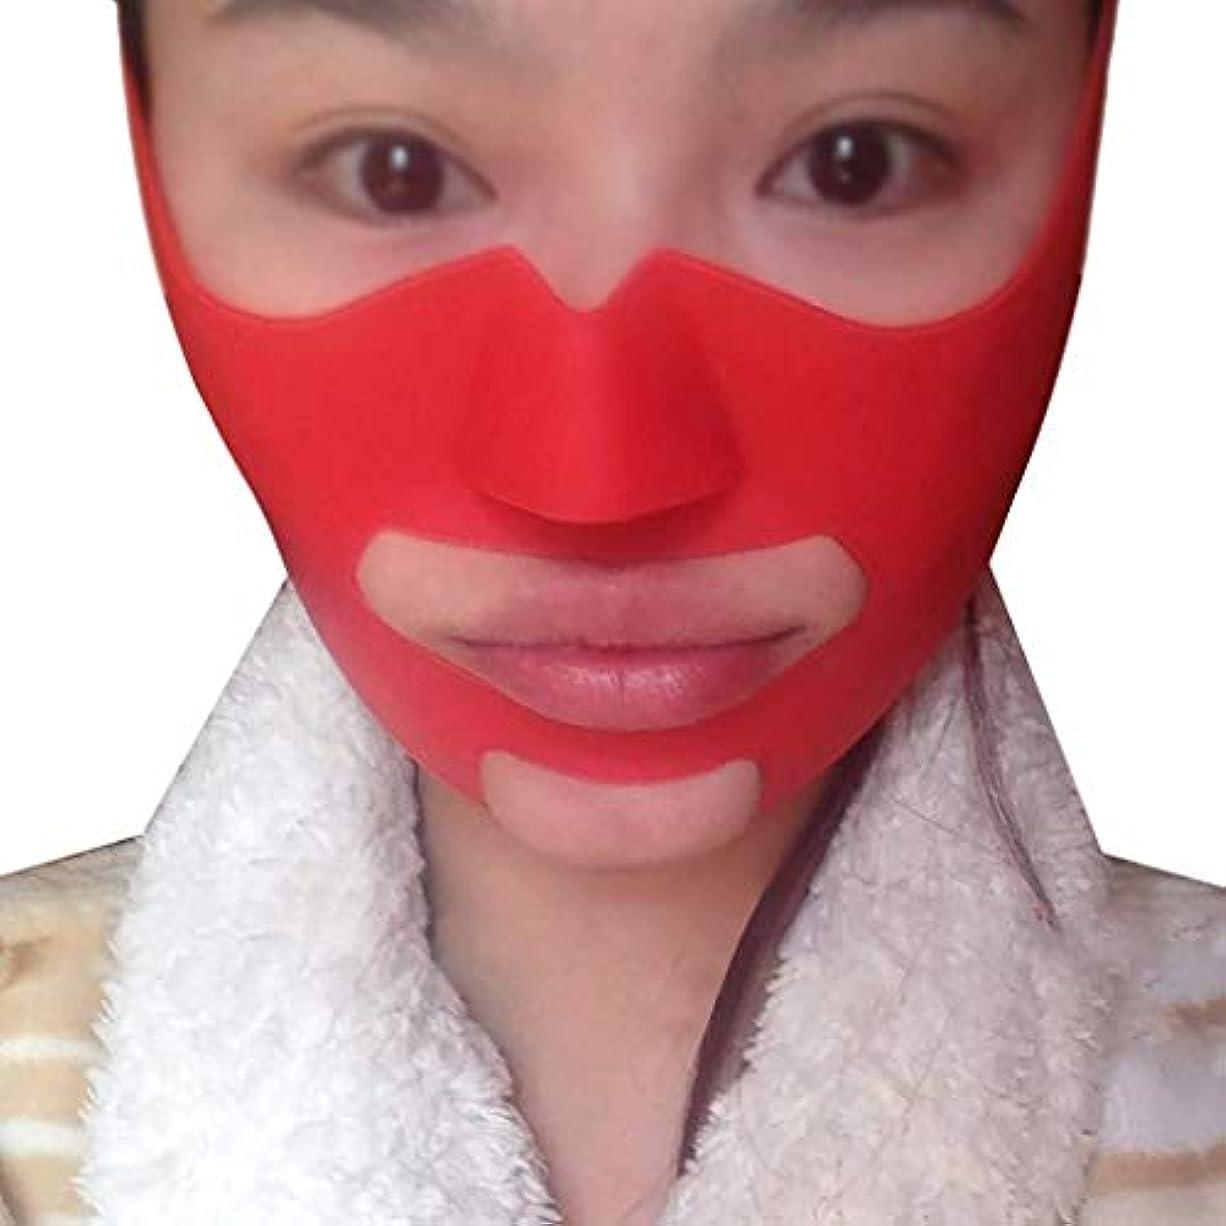 せがむ慎重にベリーフェイスリフトマスク、シリコーンVフェイスマスクフェイスマスク強力な薄い咬筋筋肉を持ち上げるアップルの筋肉パターン布アーティファクト小さなV顔包帯顔と首リフト